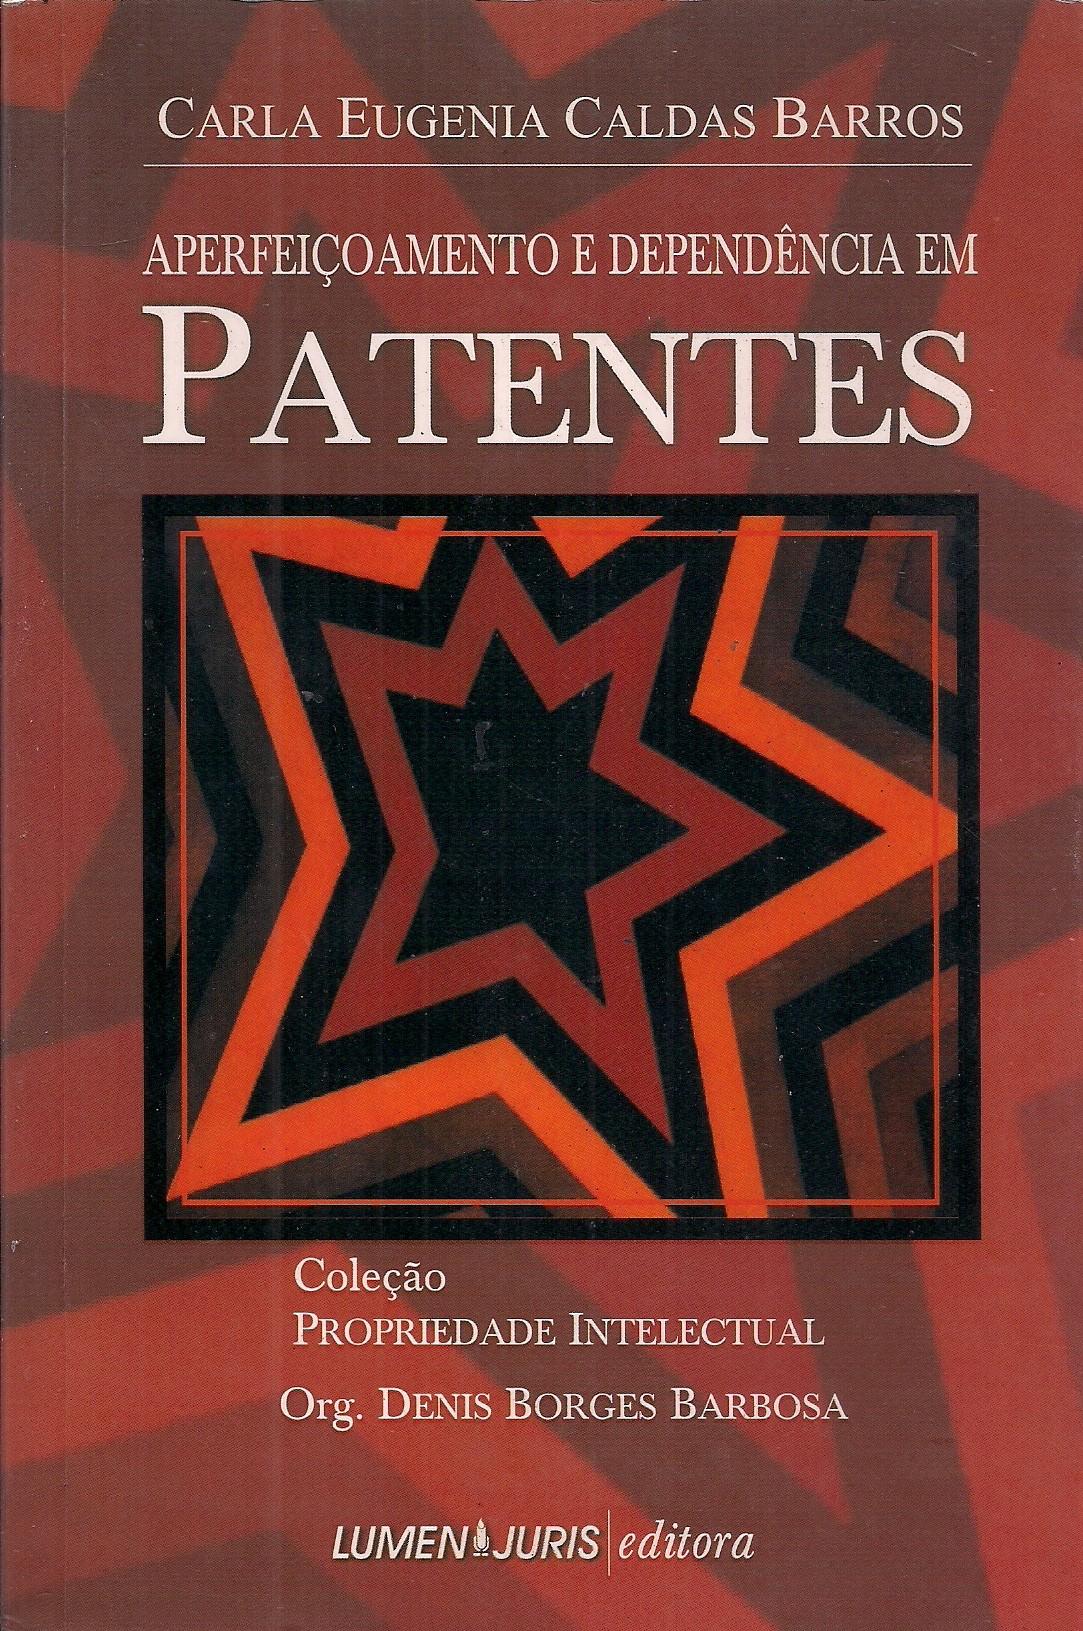 Foto 1 - Aperfeiçoamento e Dependência em Patentes - Col. Propriedade Intelectual